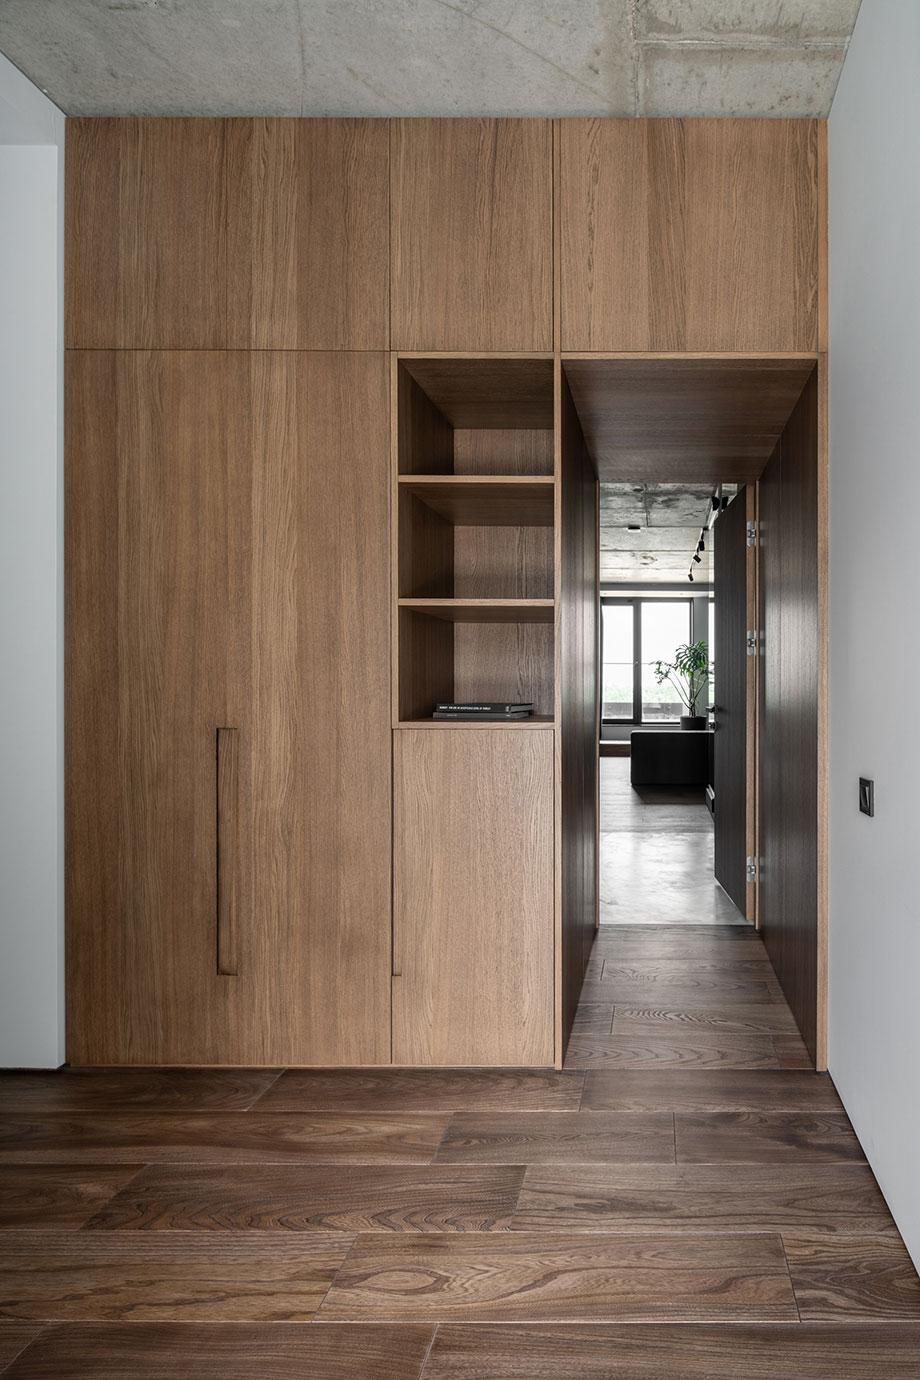 apartamento en kiev de fild (1) - foto andrey bezuglov